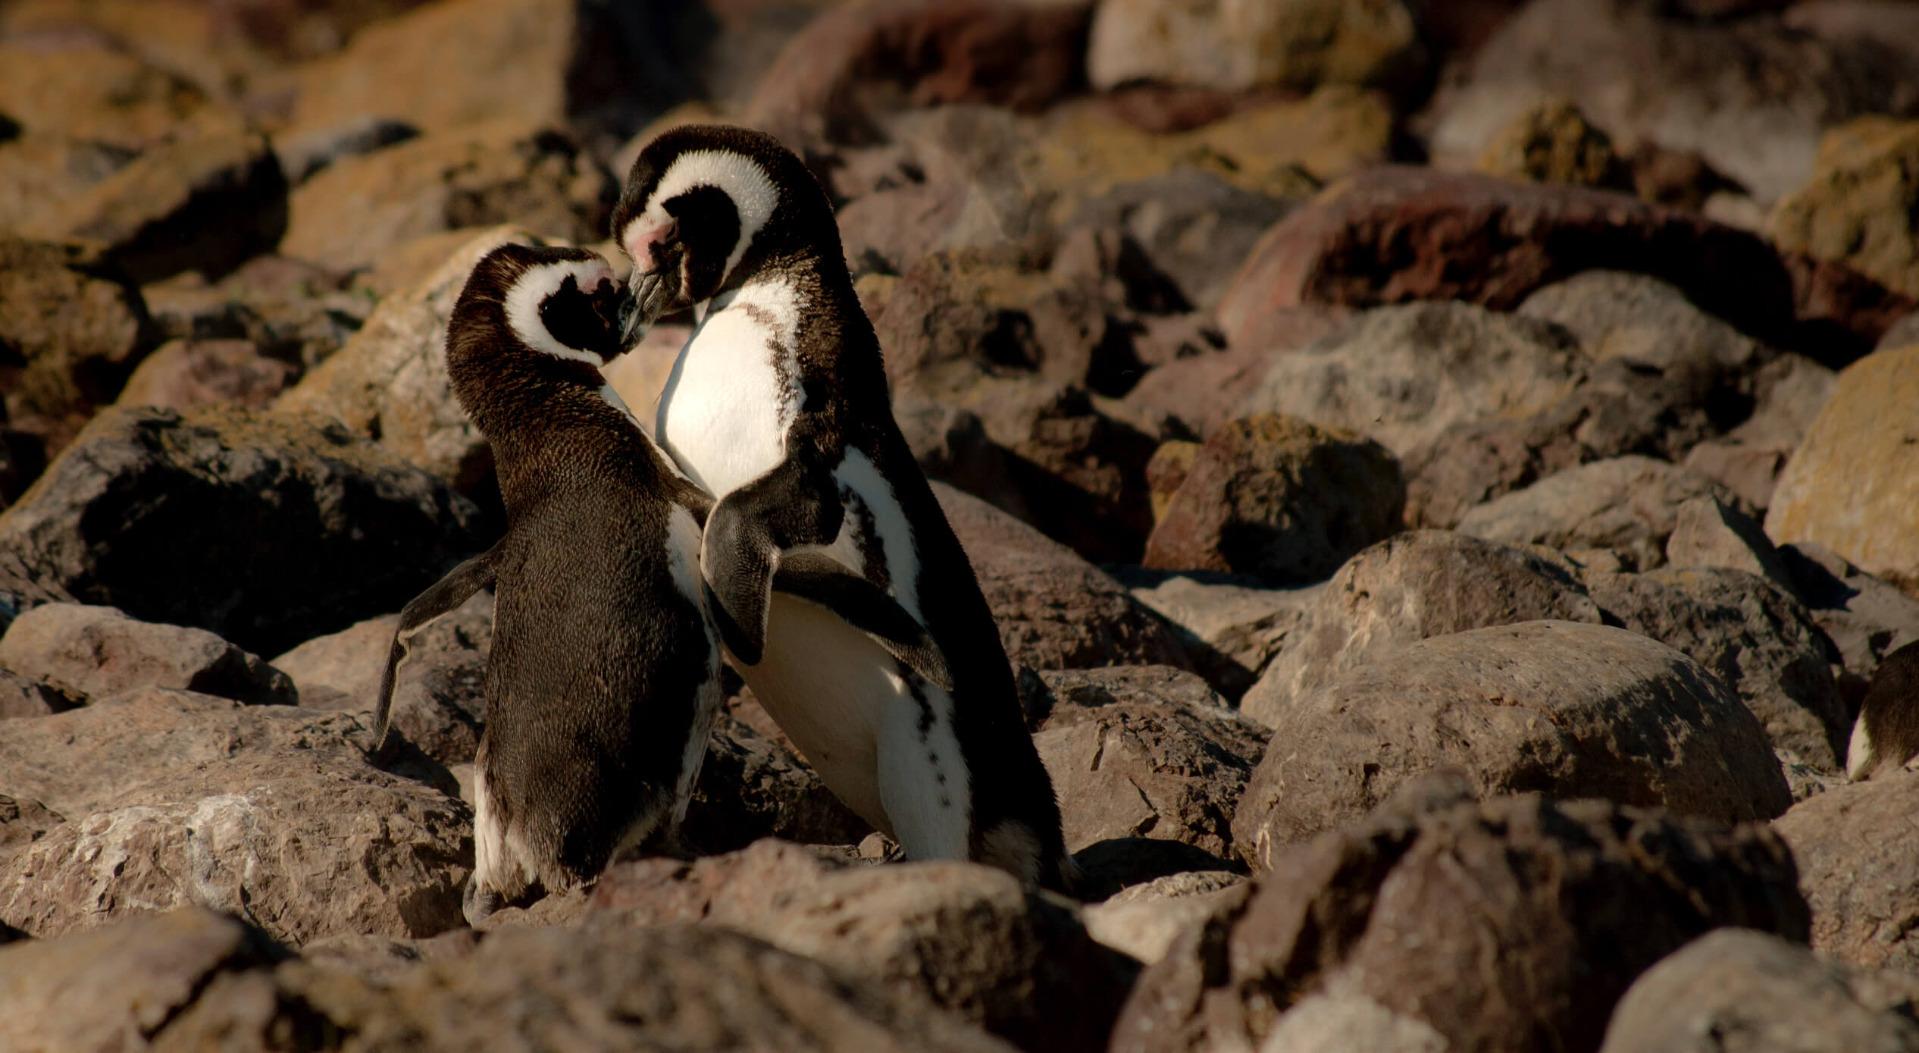 Kissing penguins